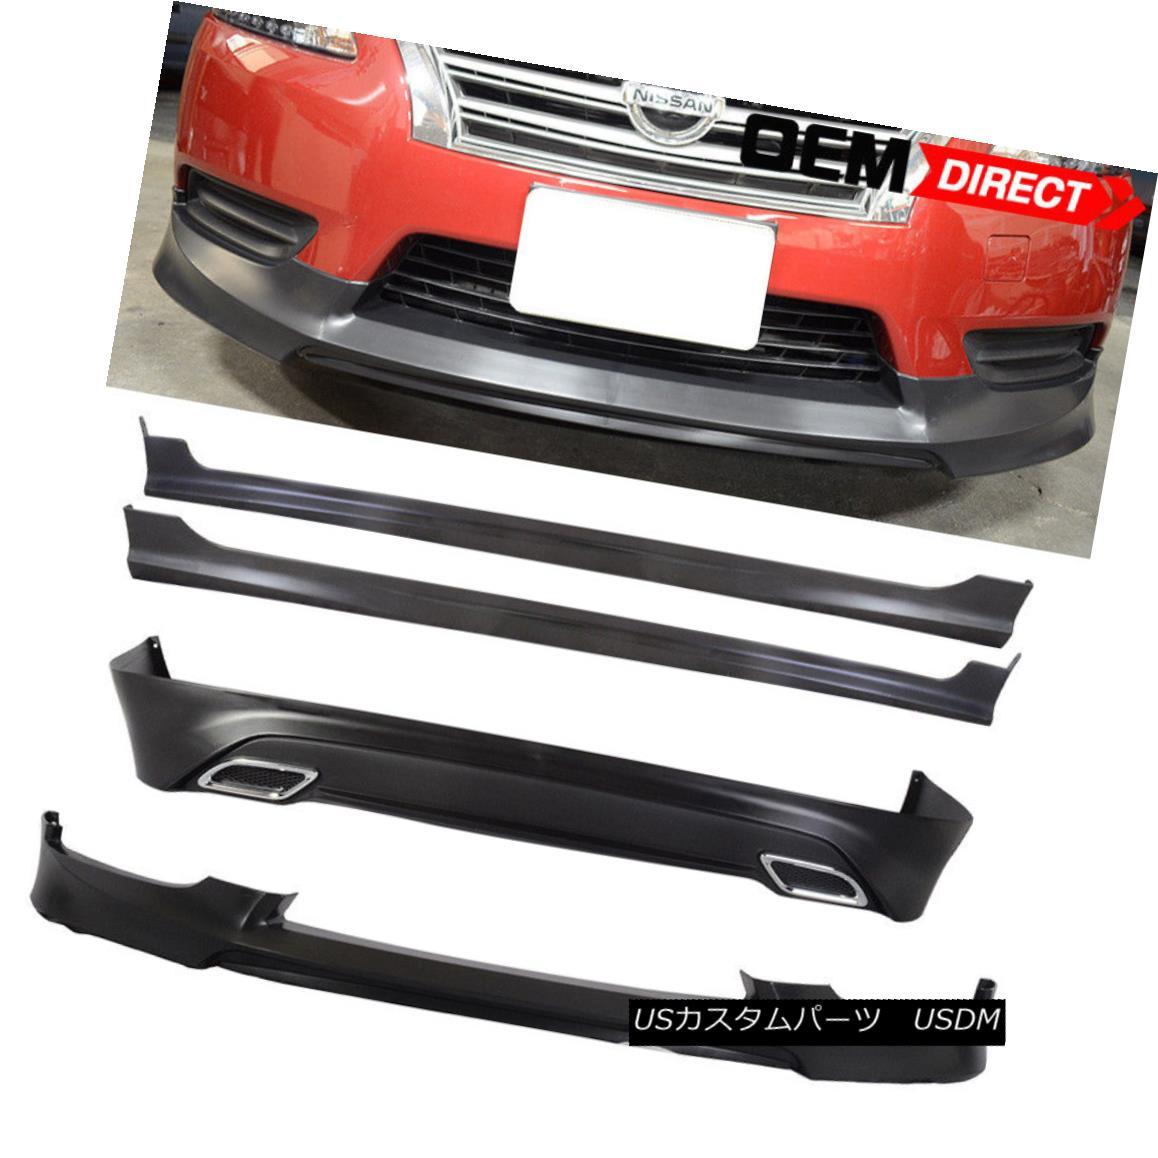 エアロパーツ Fit For 13-17 Nissan Sentra OE Style Front Side Rear Bumper Lip Kit Spoiler 13-17 Nissan Sentra OEスタイルフロントサイドリアバンパーリップキットスポイラー